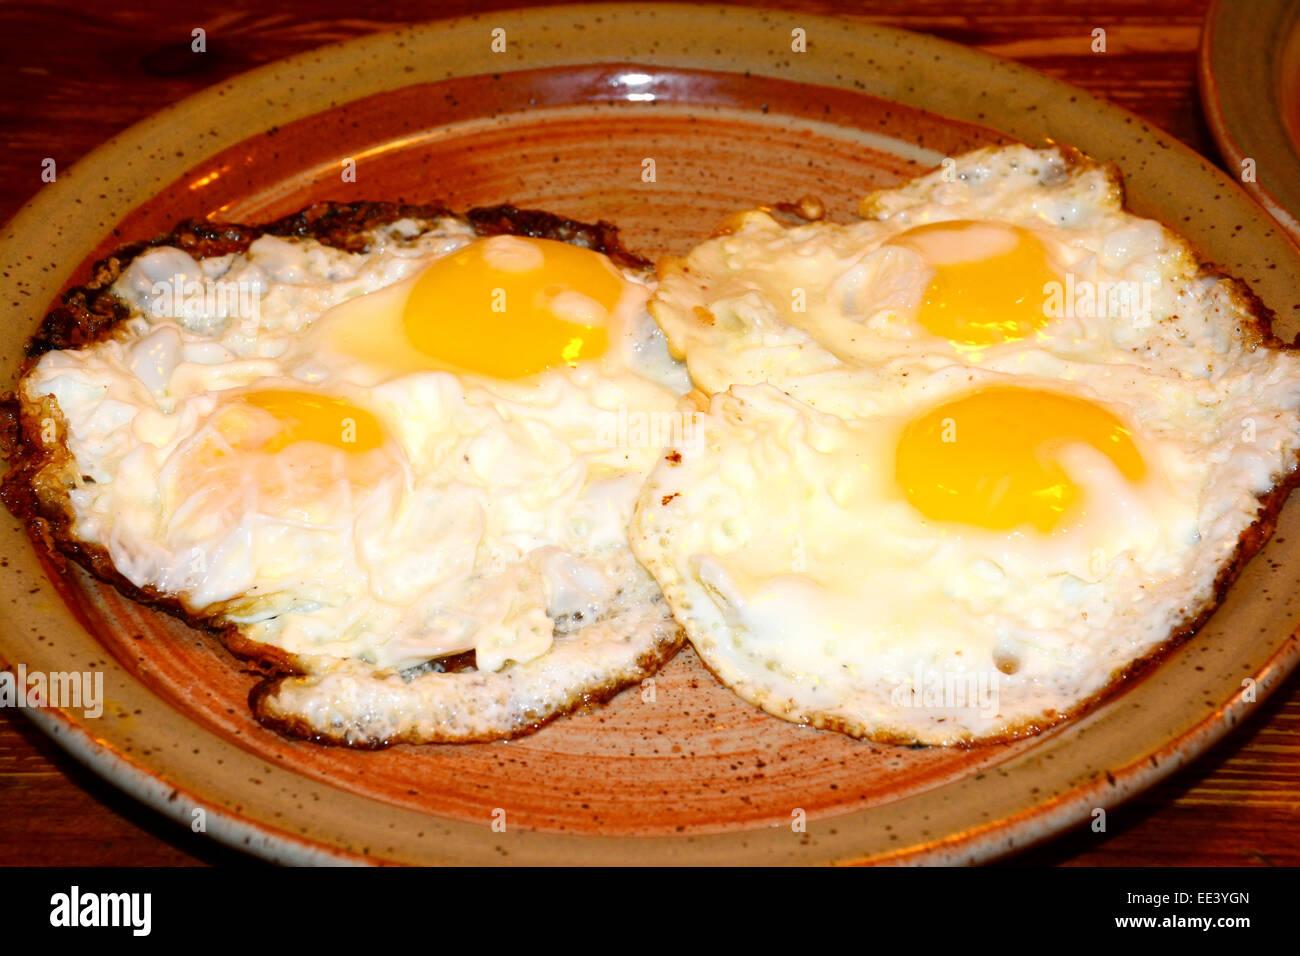 Sunny side up, Fried Egg - Stock Image